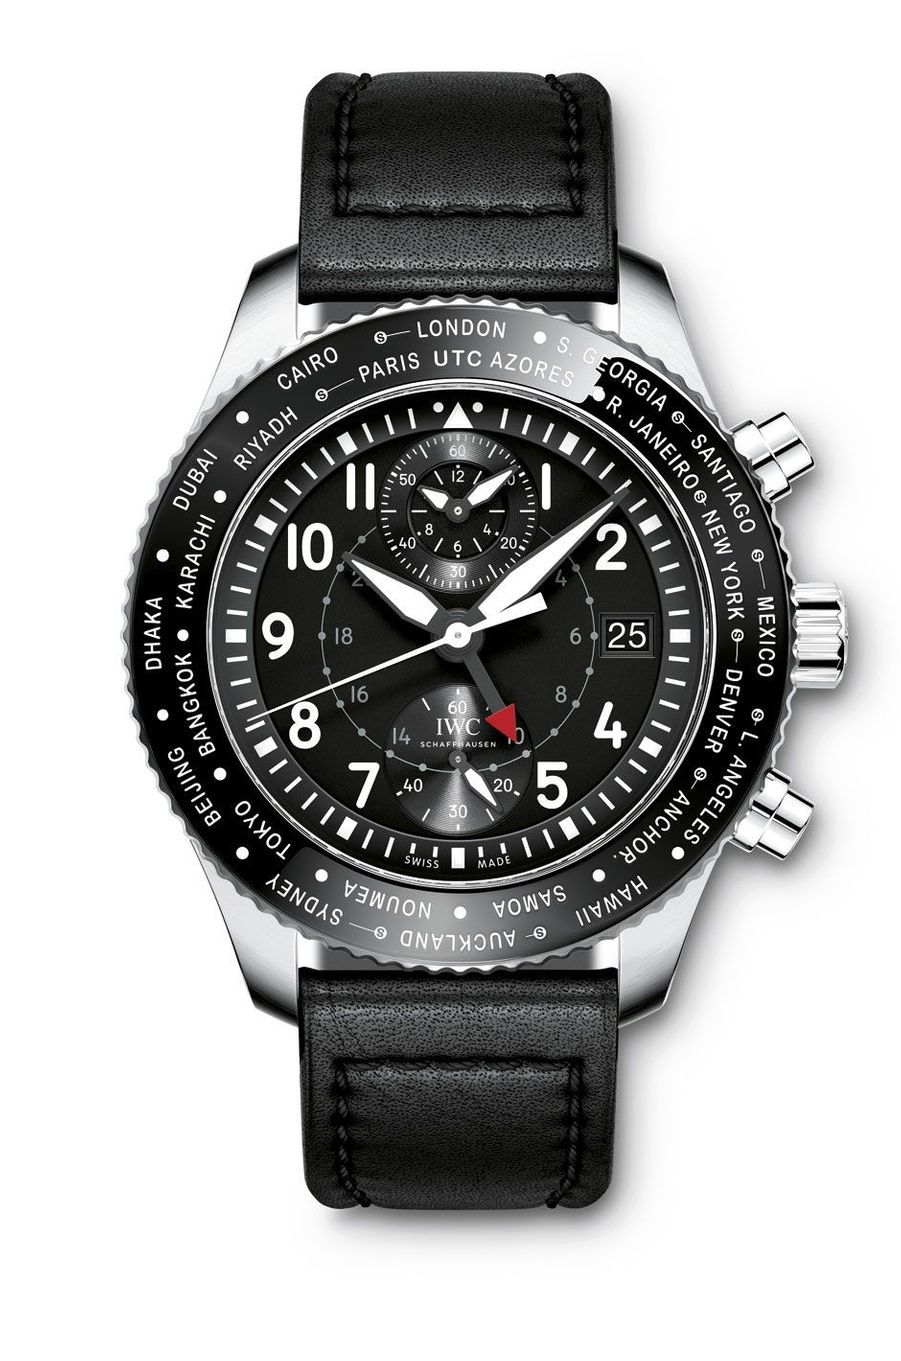 IWC.Montre d'aviateur Timezoner.L'horloger a introduitla fonction heure universelle au sein de sa collectionde montres militaires, qui allient robustesse, fiabilitéet lisibilité : trois qualités recherchées par les aventuriers.Boîte en acier, 46 mm de diamètre, mouvement automatique, bracelet en cuir. 13 100 €..